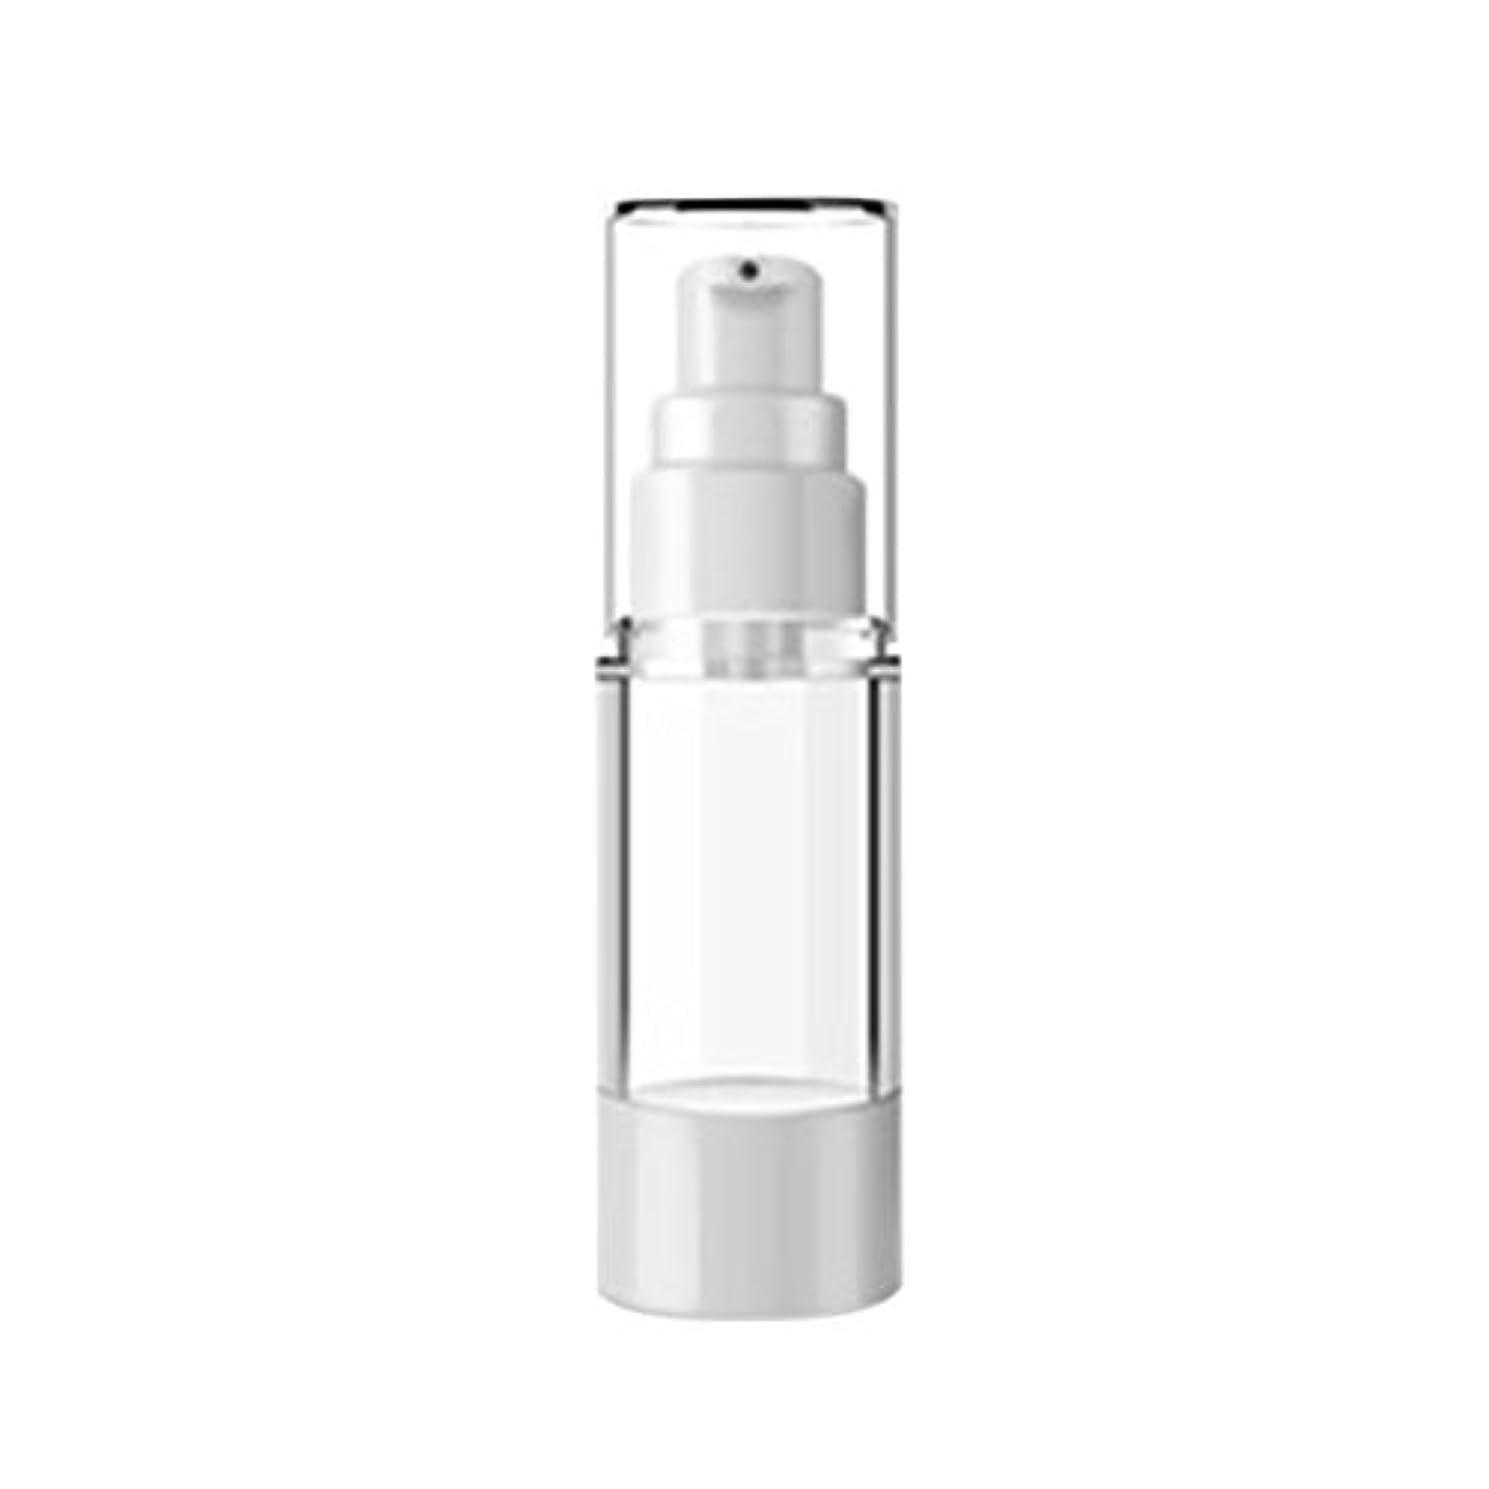 破滅的なやるダイバーVi.yo 小分けボトル スプレーボトル 押し式詰替用ボトル コスメ用詰替え容器 携帯便利 出張 旅行用品 スタイル1 3本セット 15ml